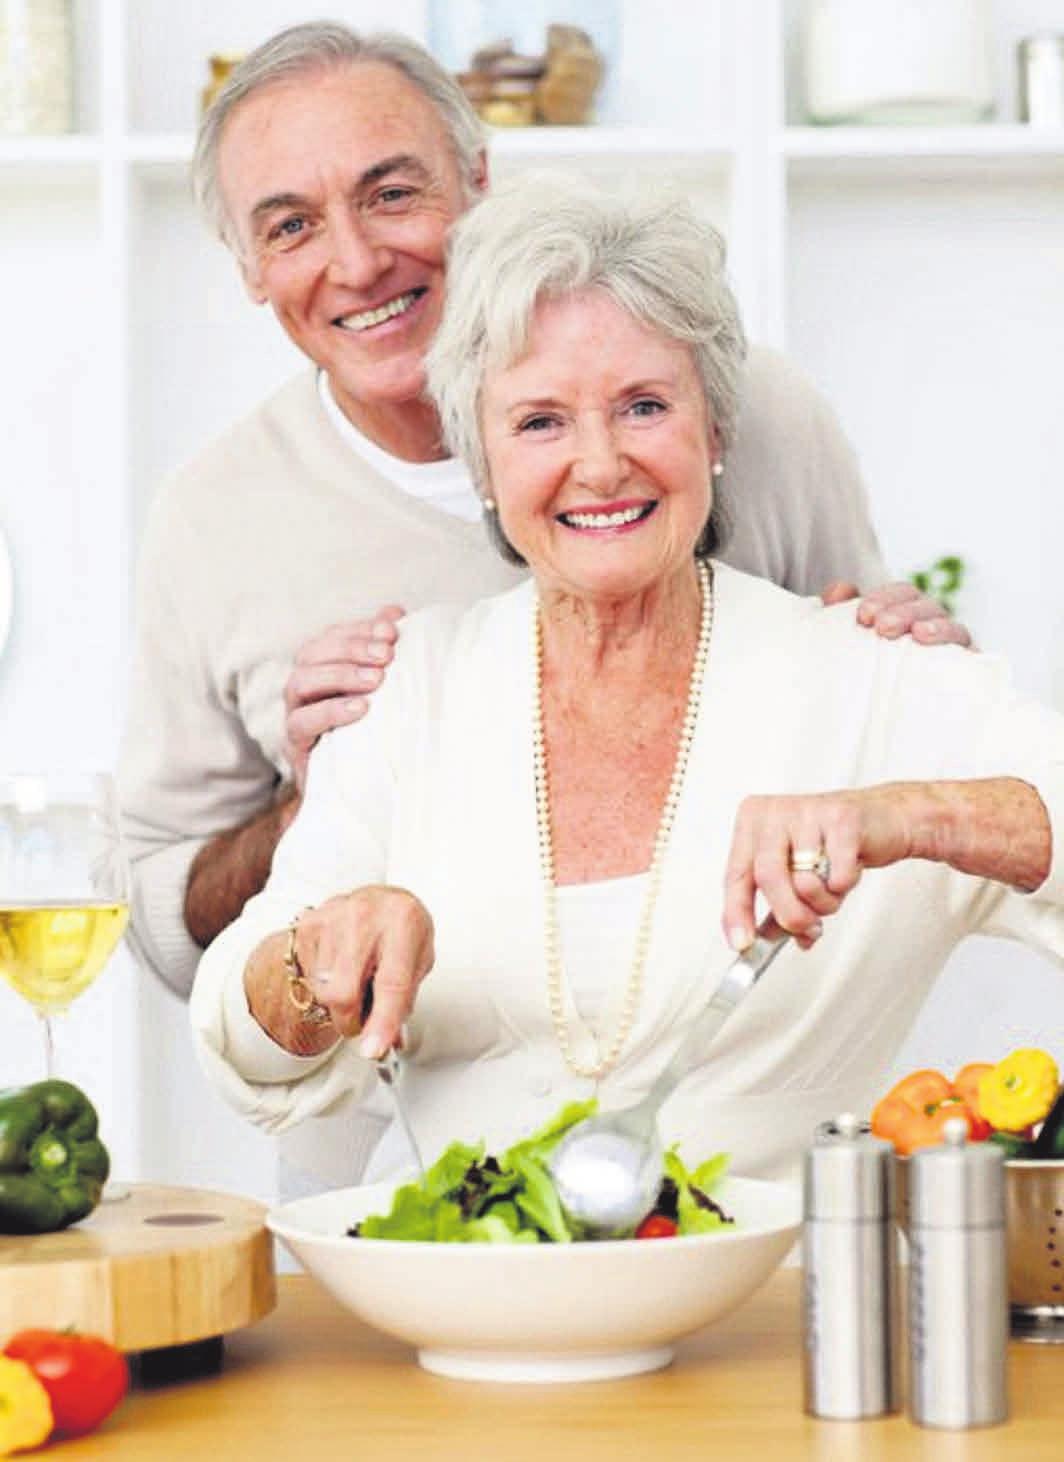 Im Alter lässt der Energiebedarf nach, der Bedarf an lebenswichtigen Nährstoffen bleibt aber gleich. Foto: WavebreakMediaMicro/fotolia/Nestlé Ernährungsstudio